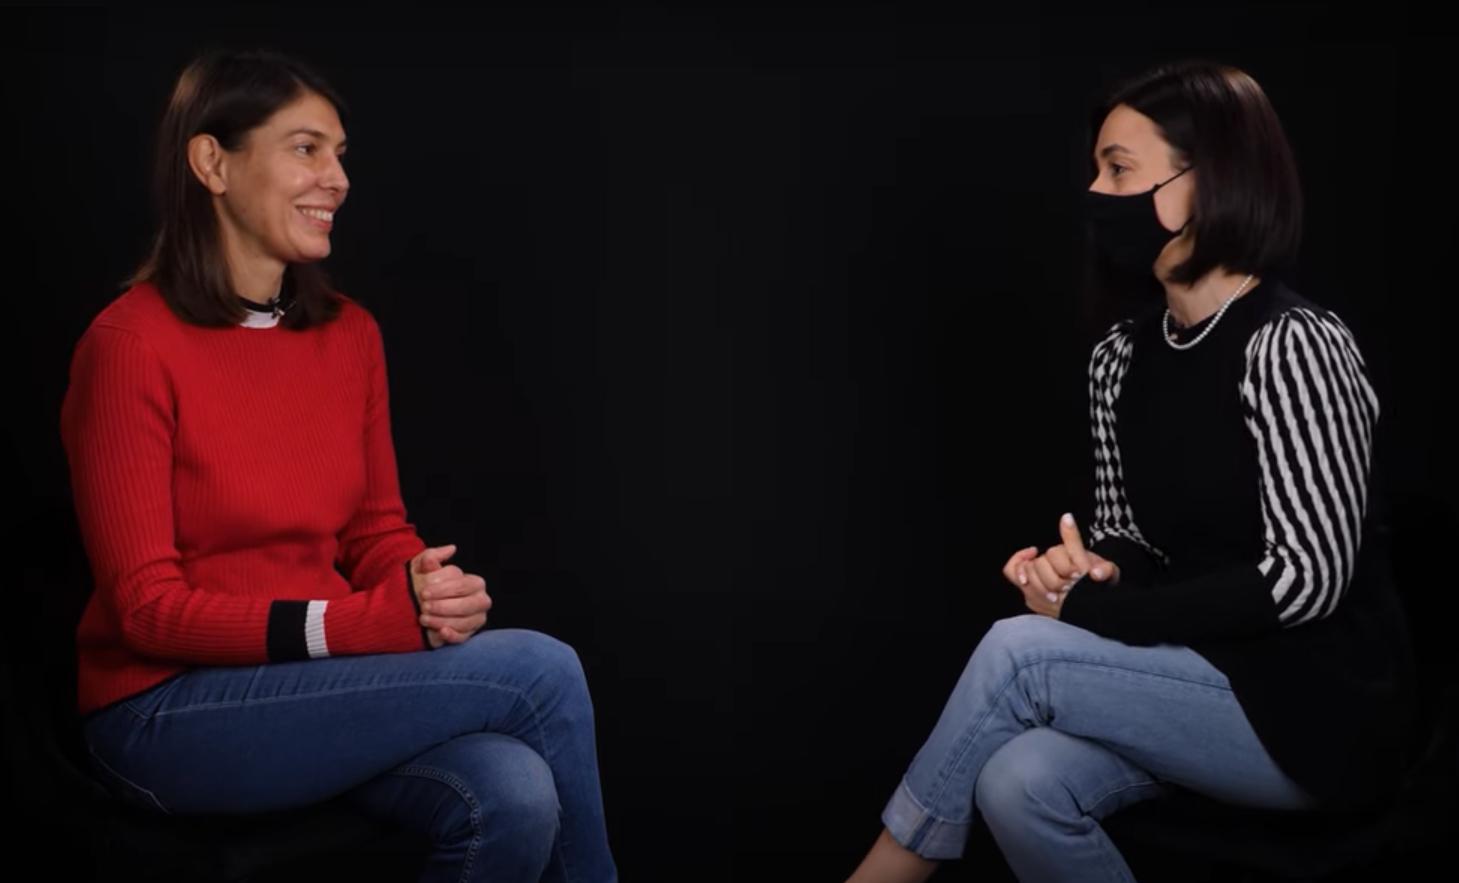 """Ana Derumeaux, în dialog cu Lorena Buhnici: """"Nu este doar despre haine!"""""""